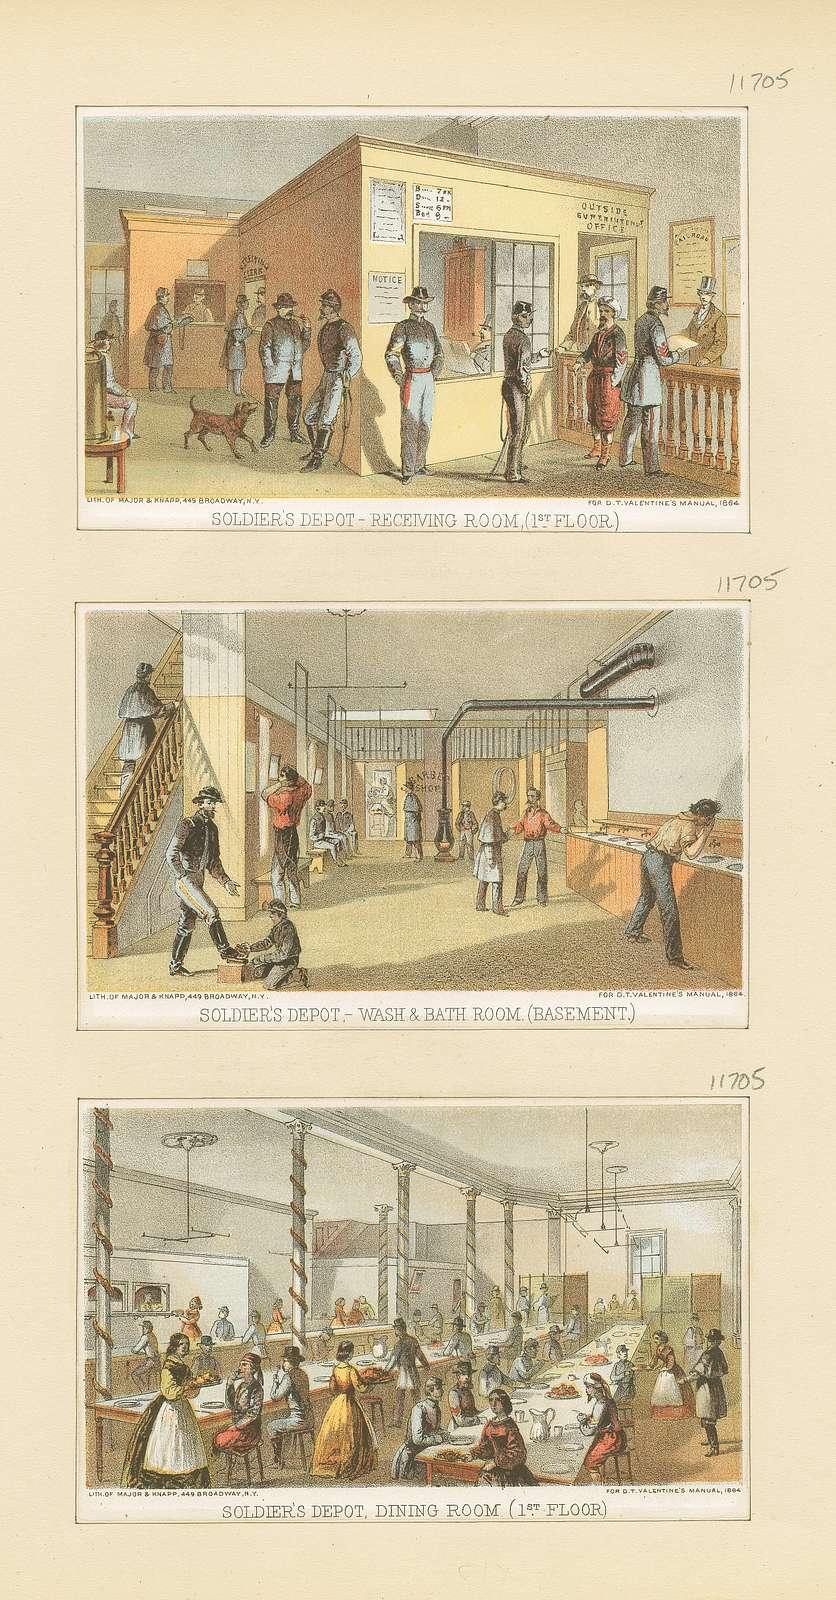 Soldier's Depot, receiving room (1st floor); Soldier's Depot, wash & bath room (basement); Soldier's Depot, dining room (1st floor)